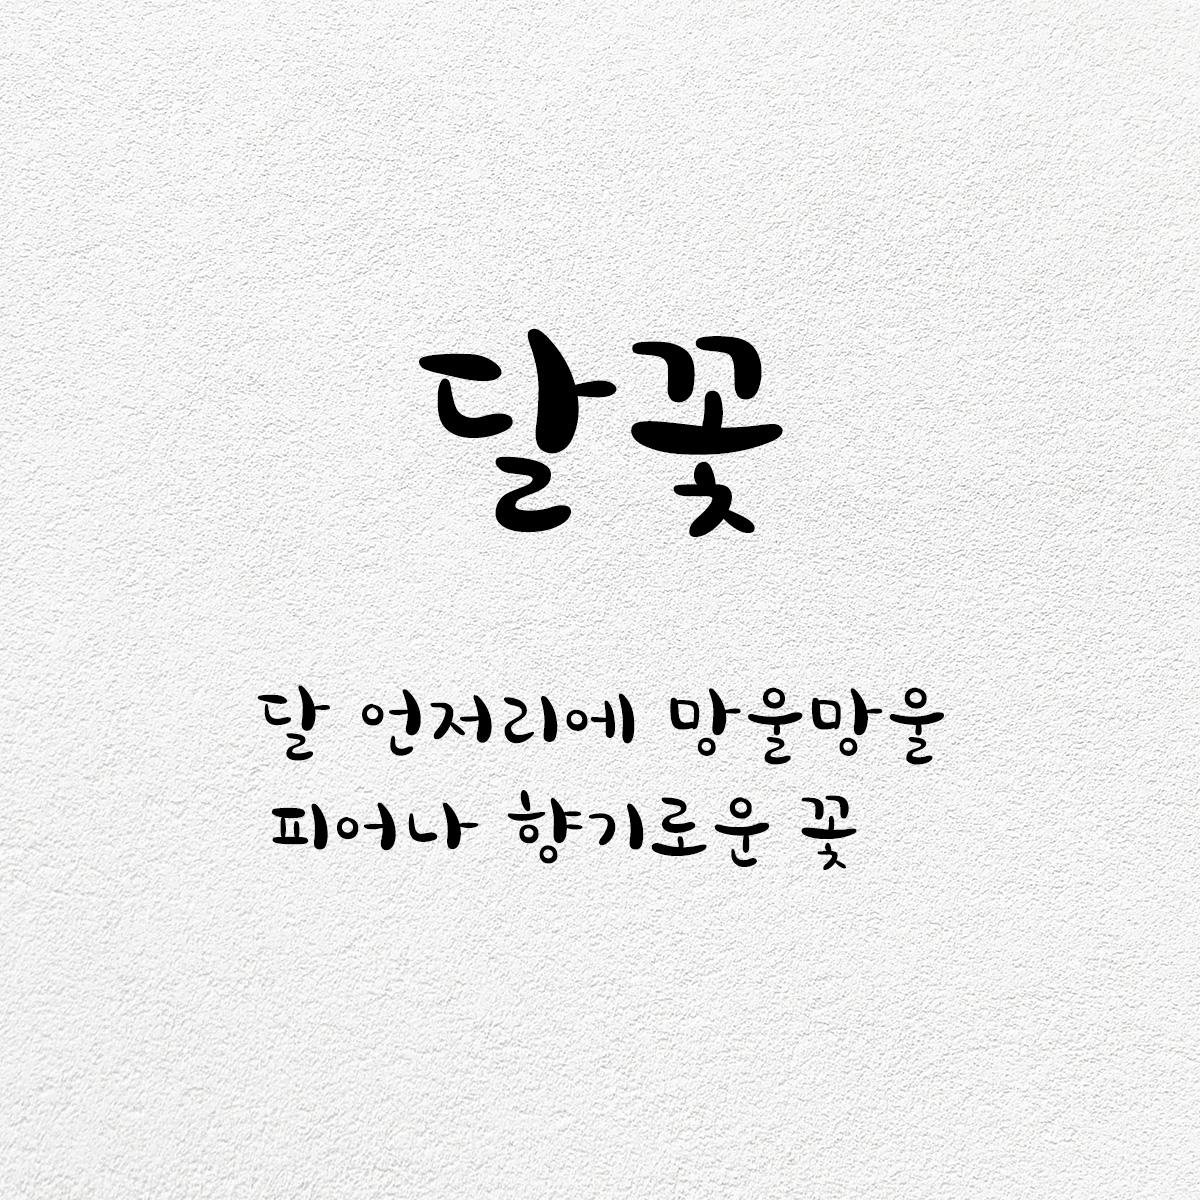 타이포_달꽃